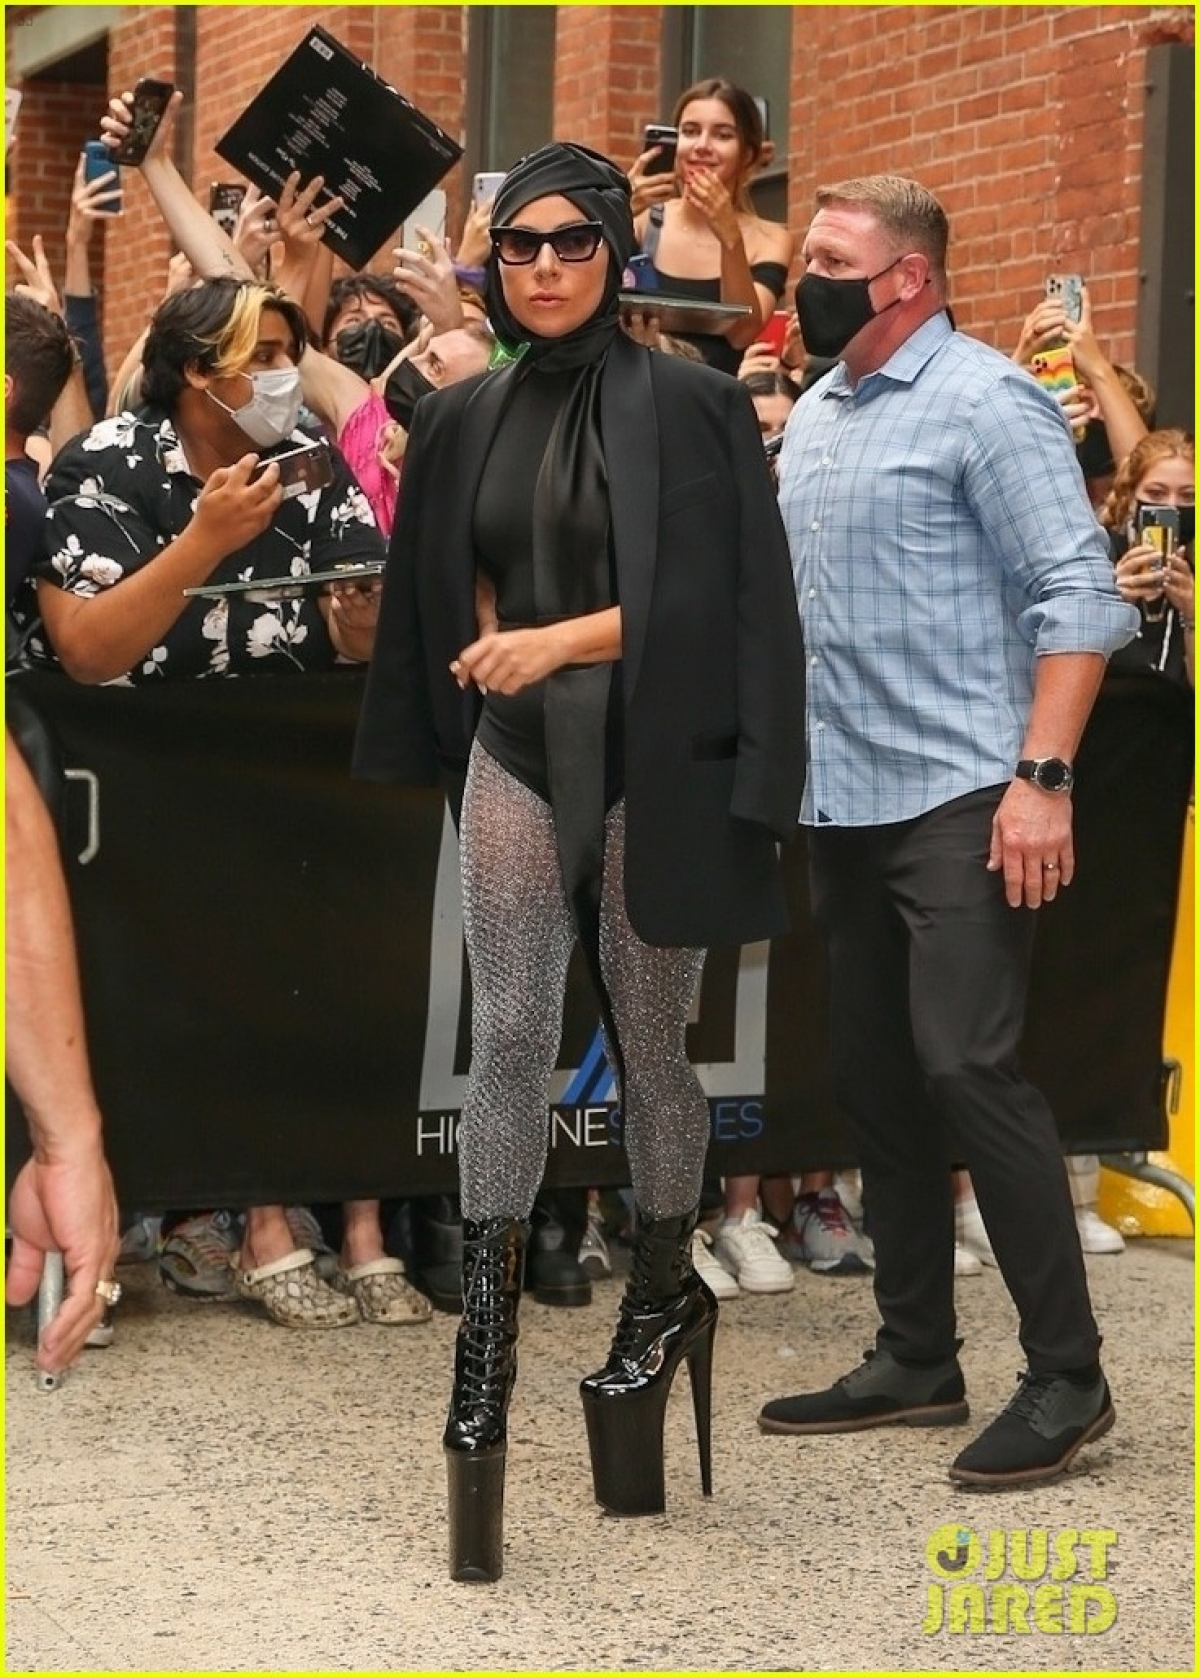 Cách phối đồ và phụ kiện của Lady Gaga luôn khiến công chúng phải bất ngờ.